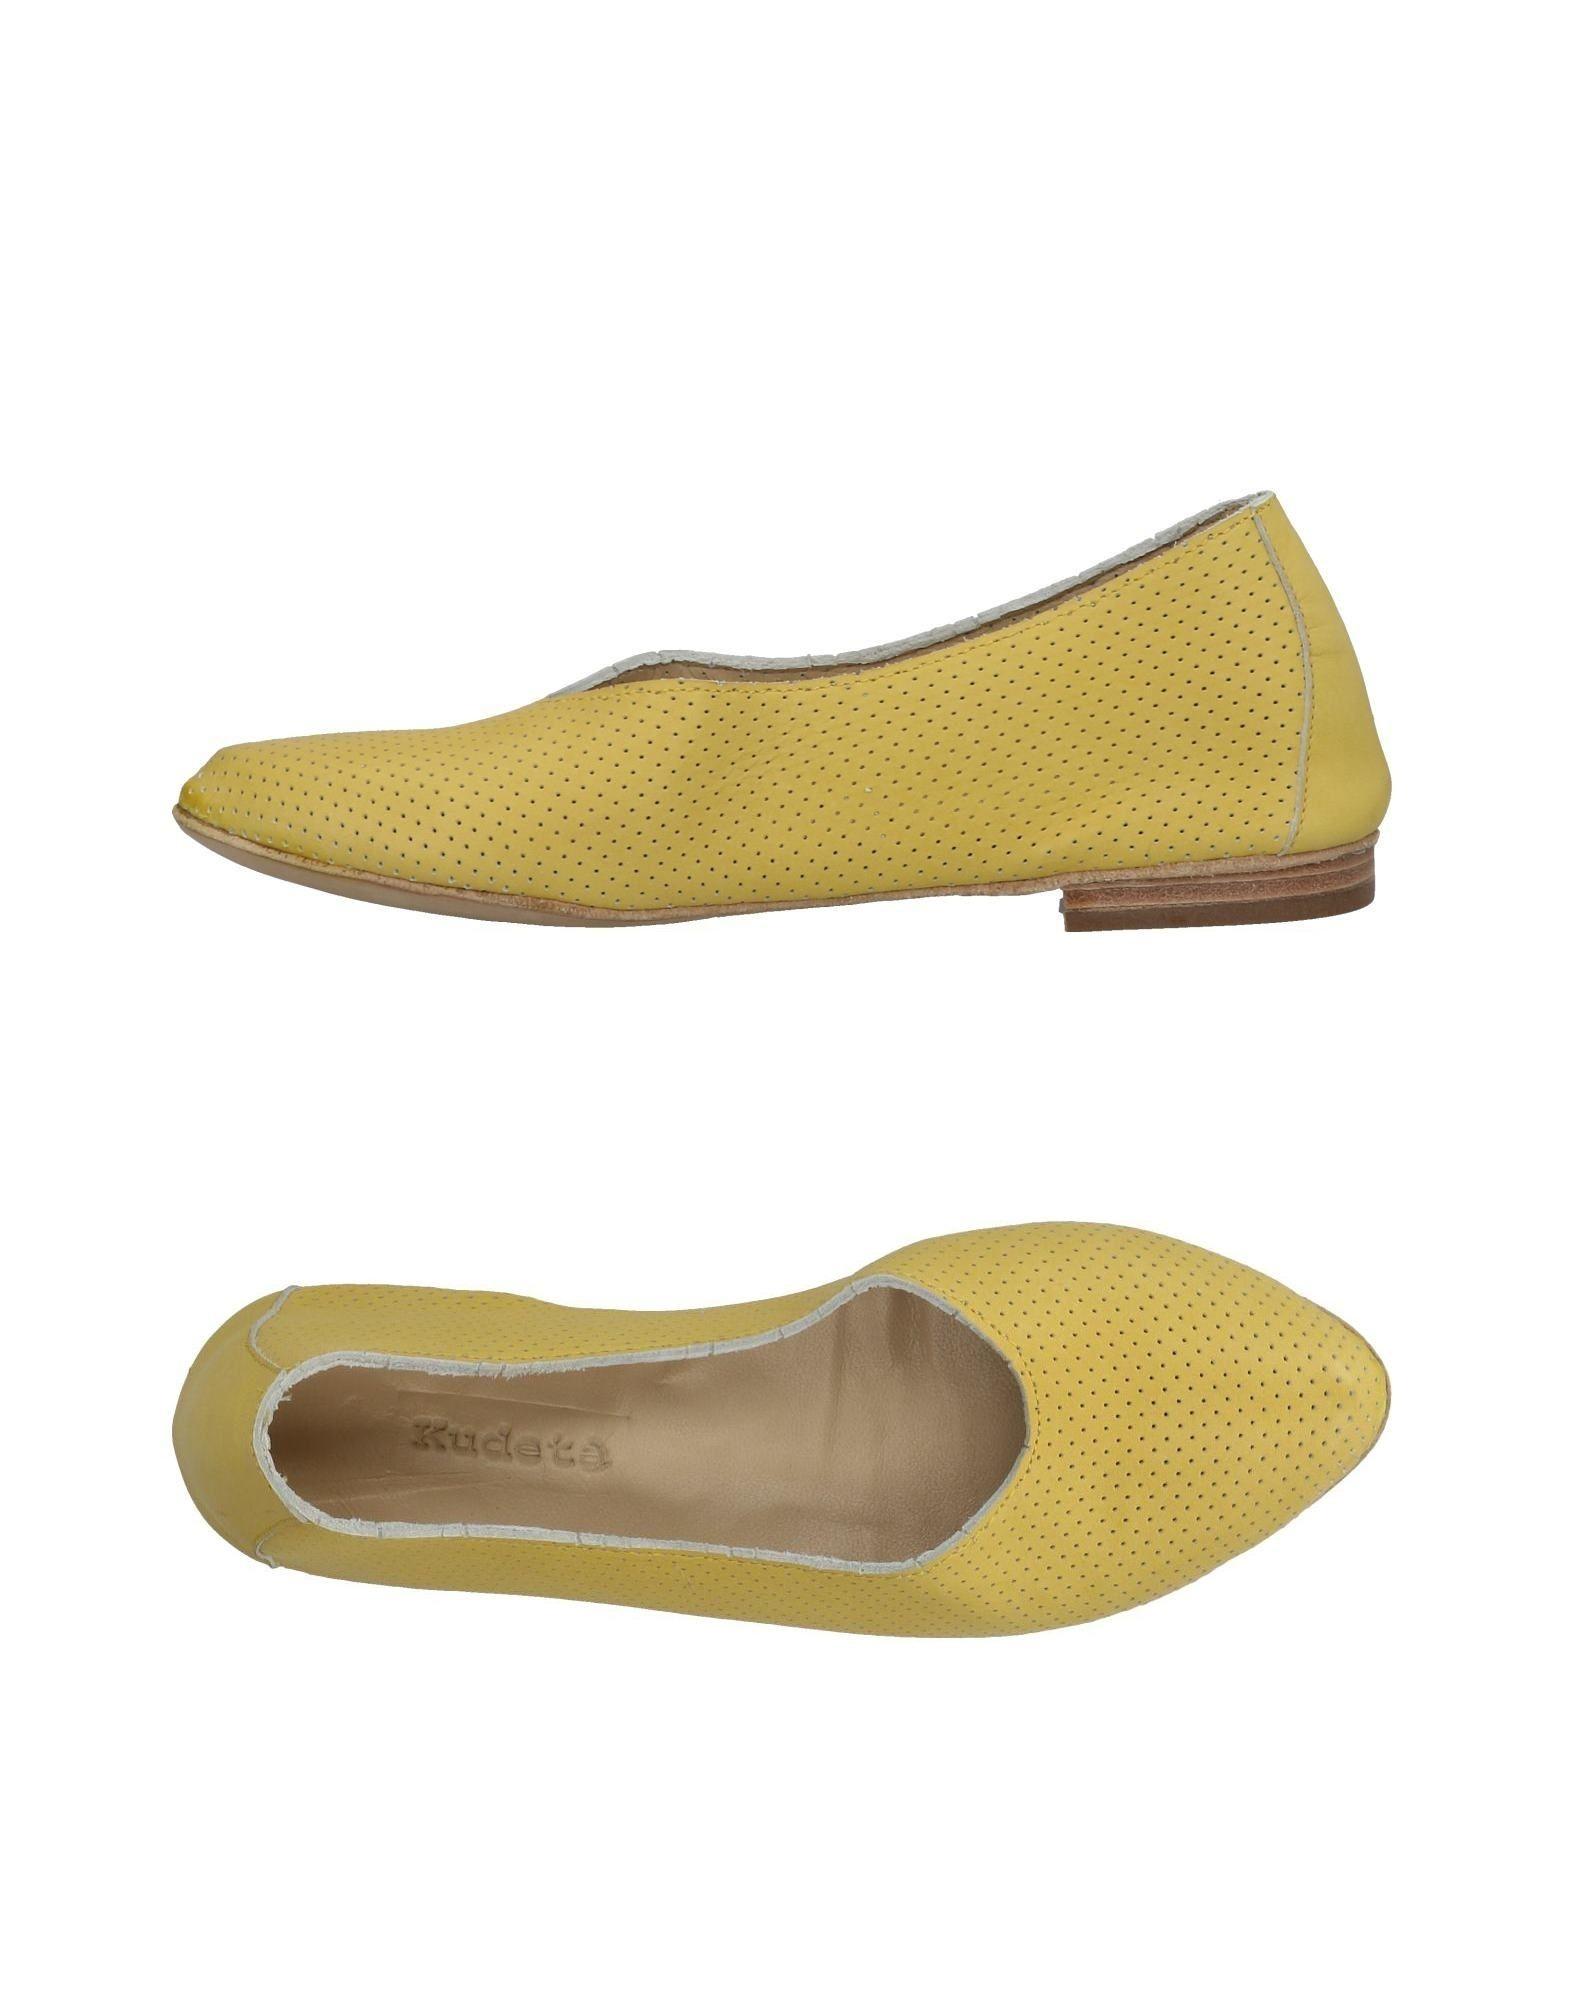 Kudetà Ballerinas Damen  11433695PU Gute Qualität beliebte Schuhe